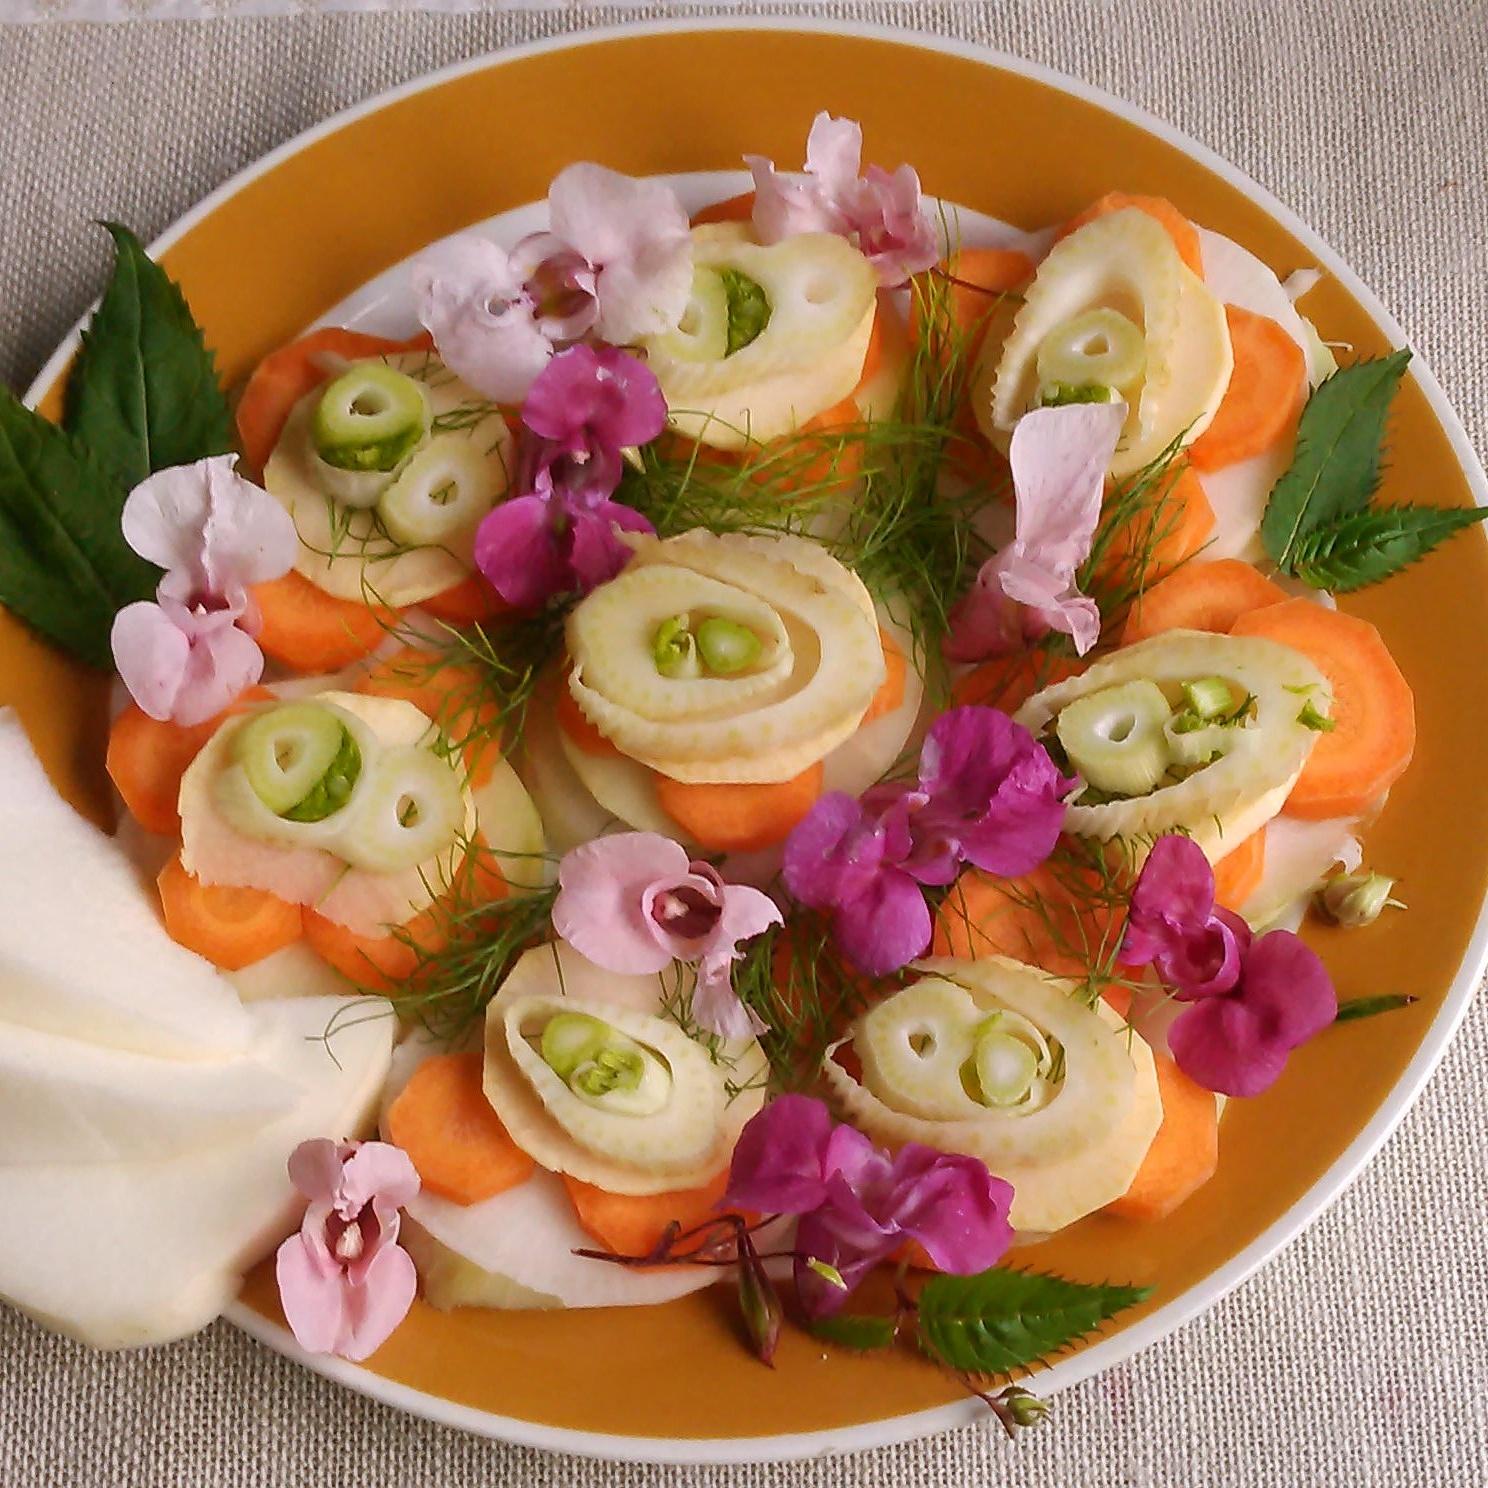 Kjempespringfrø blomster og blad